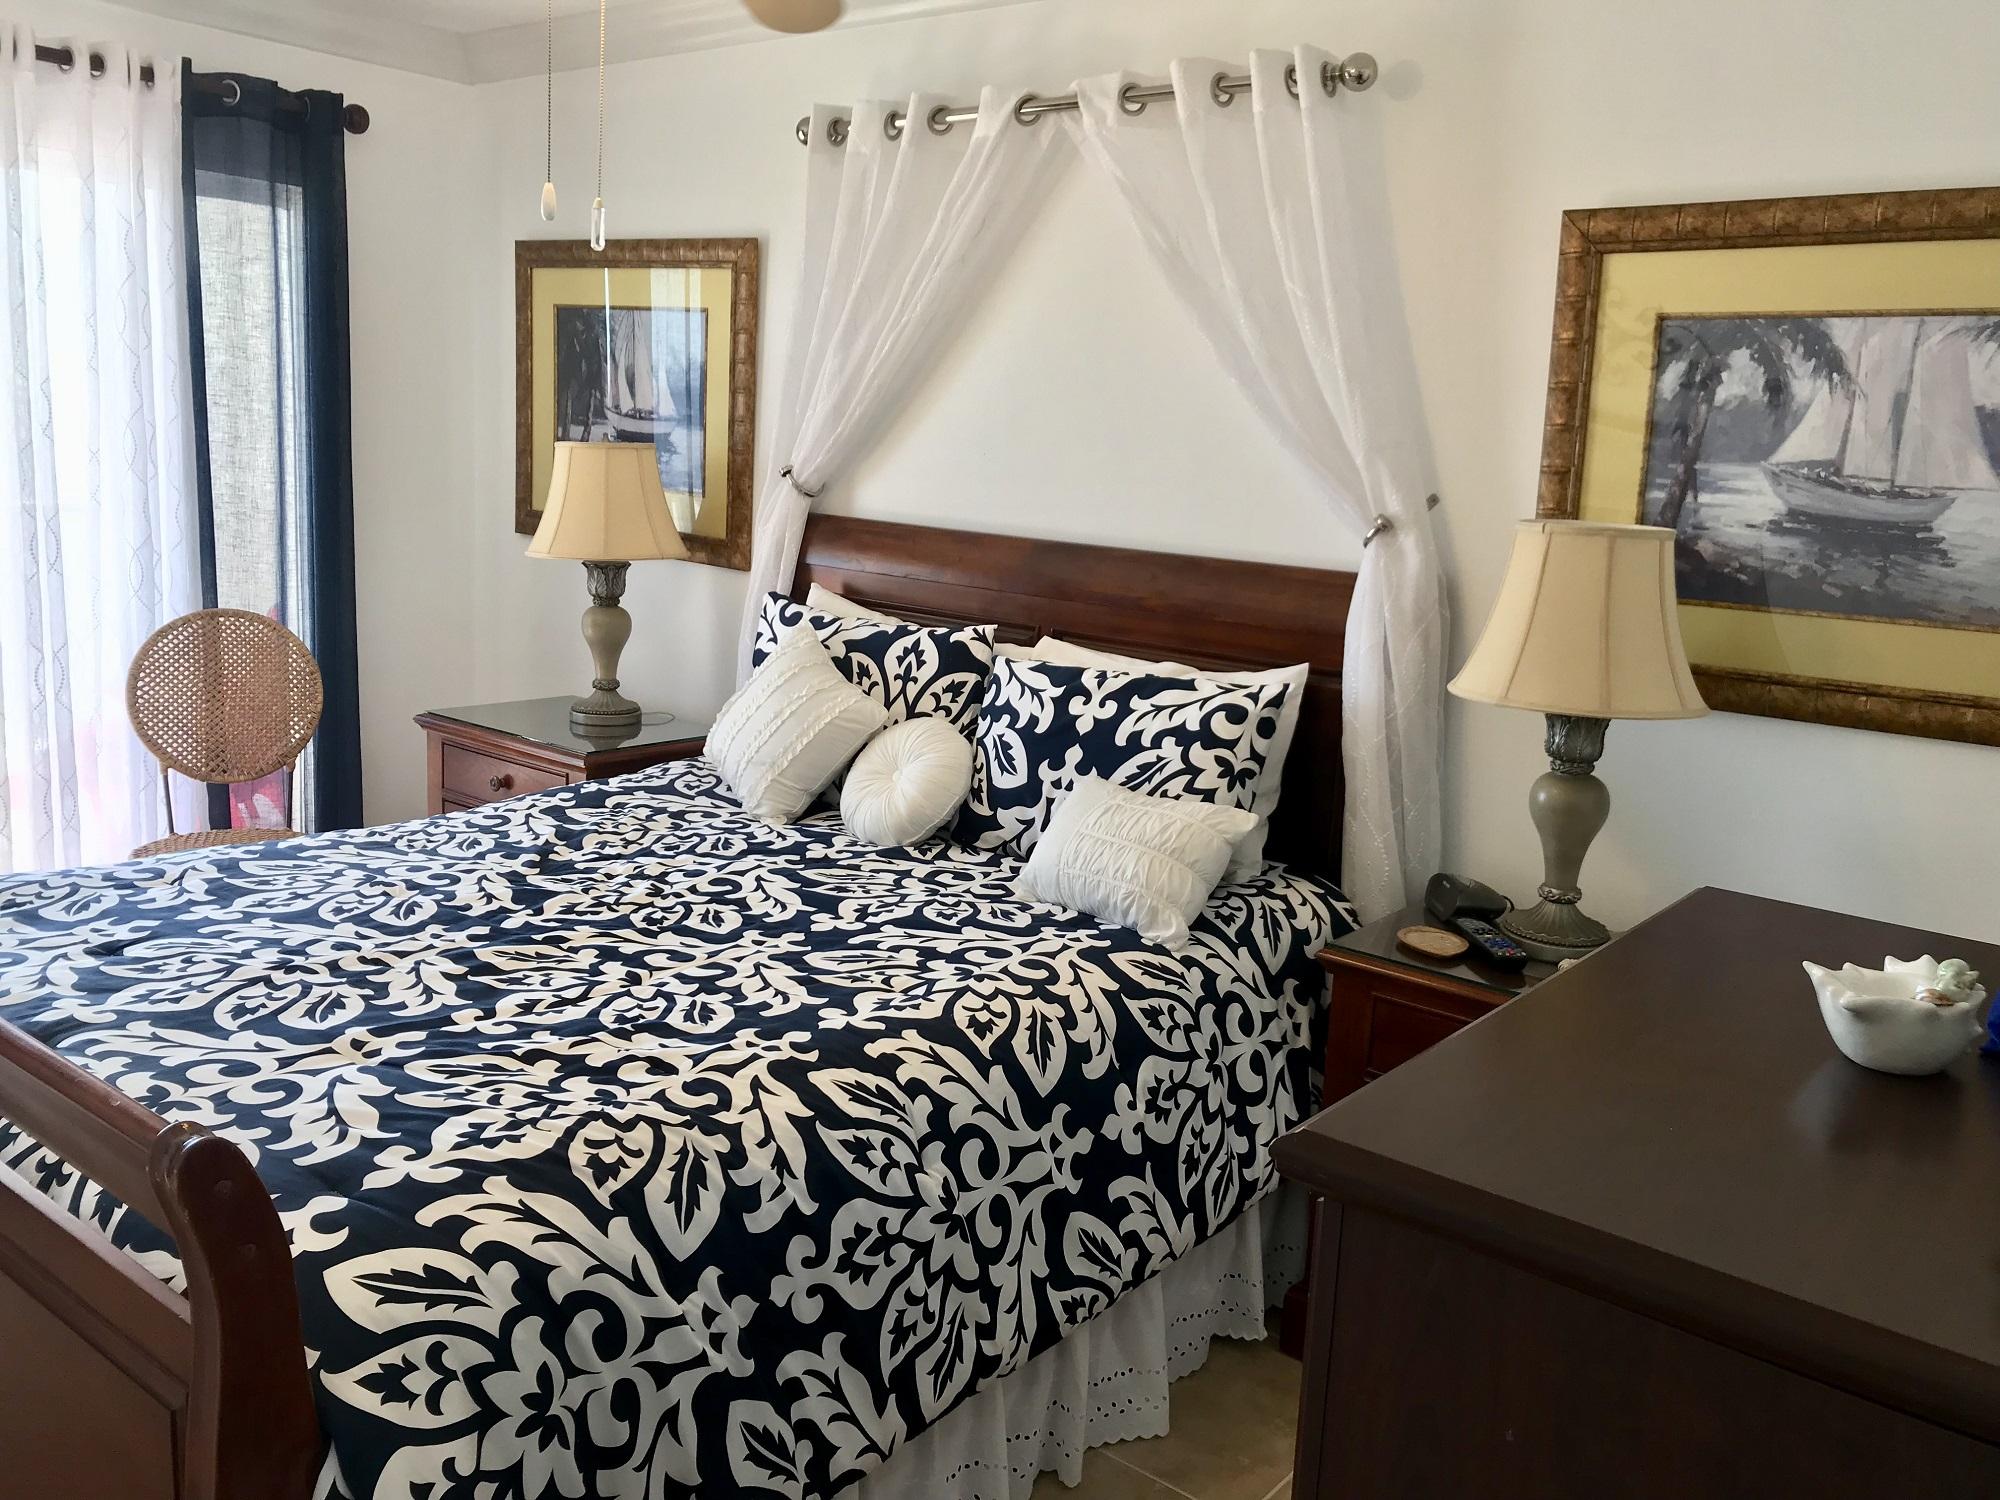 Ocean House 2804 Condo rental in Ocean House - Gulf Shores in Gulf Shores Alabama - #23